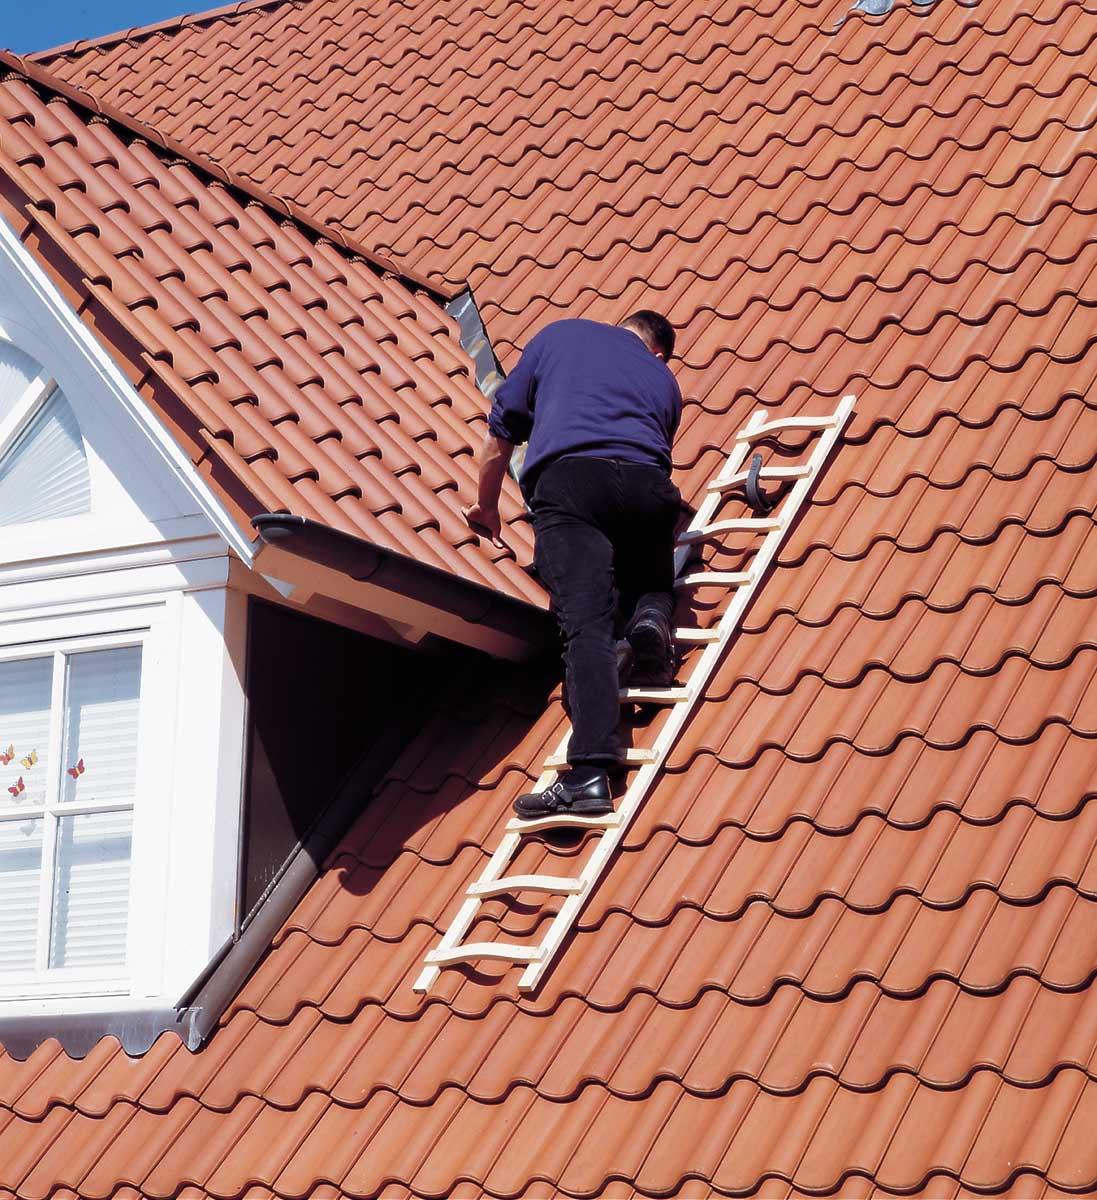 euroline Dachdeckerauflegeleiter Holz Sprossen